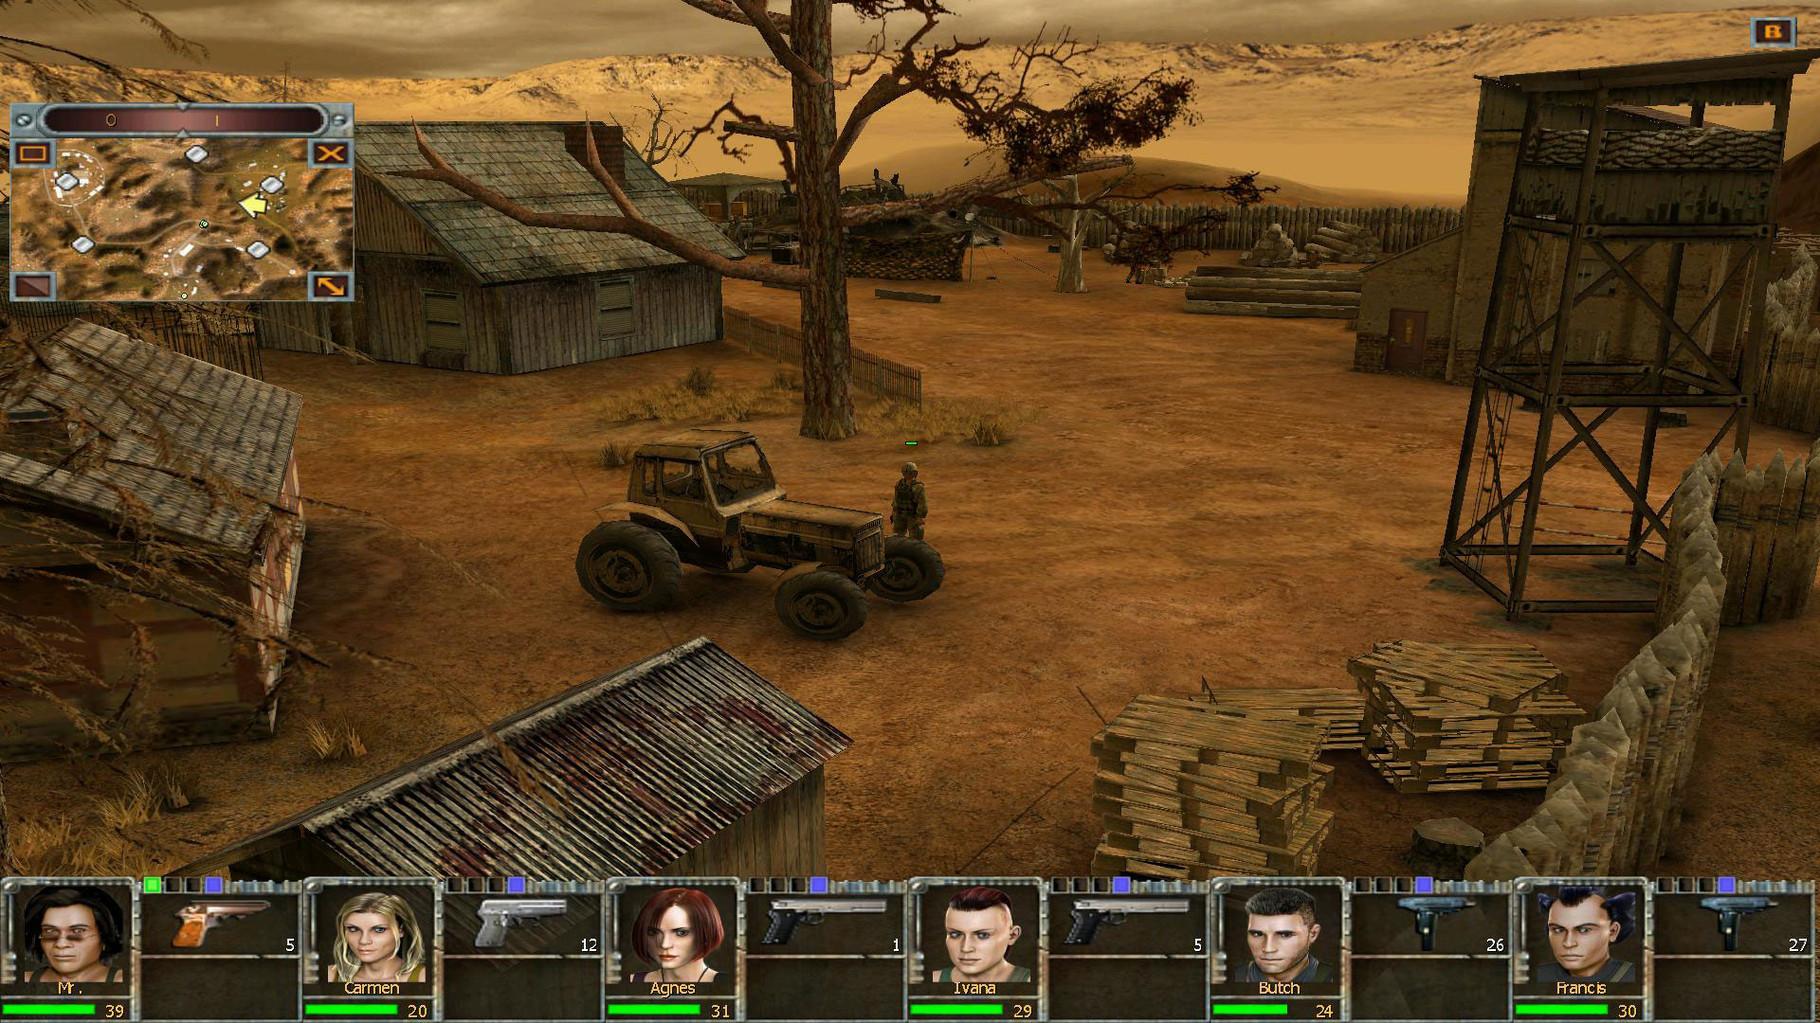 """""""The Fall: Last Days of Gaia"""" verlegt ein """"Mad Max""""-ähnliches Action-RPG in die nahe Zukunft: Terroristen haben mit Terraforming-Apparaten unsere Umwelt runiert. Das insg. eher unspektakuläre Spiel litt unter zahllosen Bugs."""